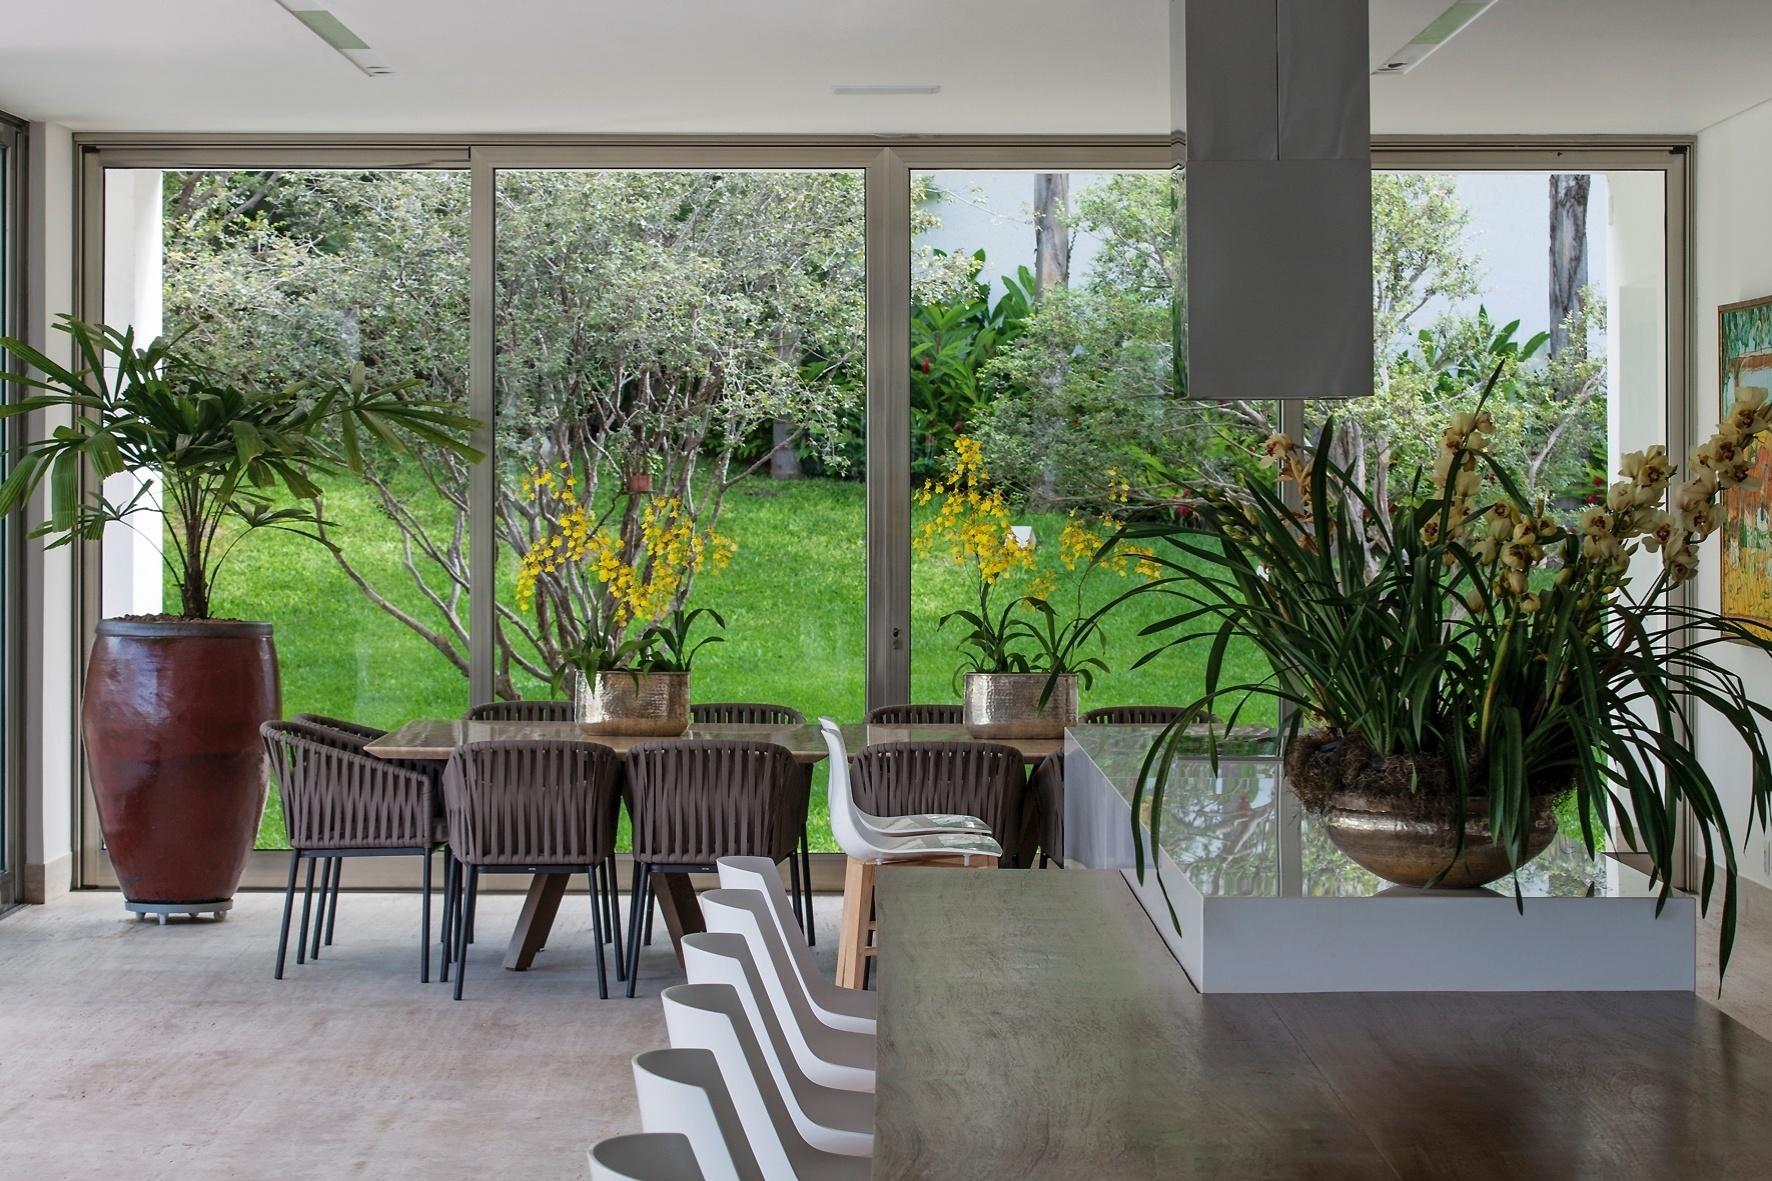 A varanda voltada para os jardins abriga um agradável espaço gourmet, onde estão dispostas a bancada com mesa acoplada, além de outra mesa para refeições